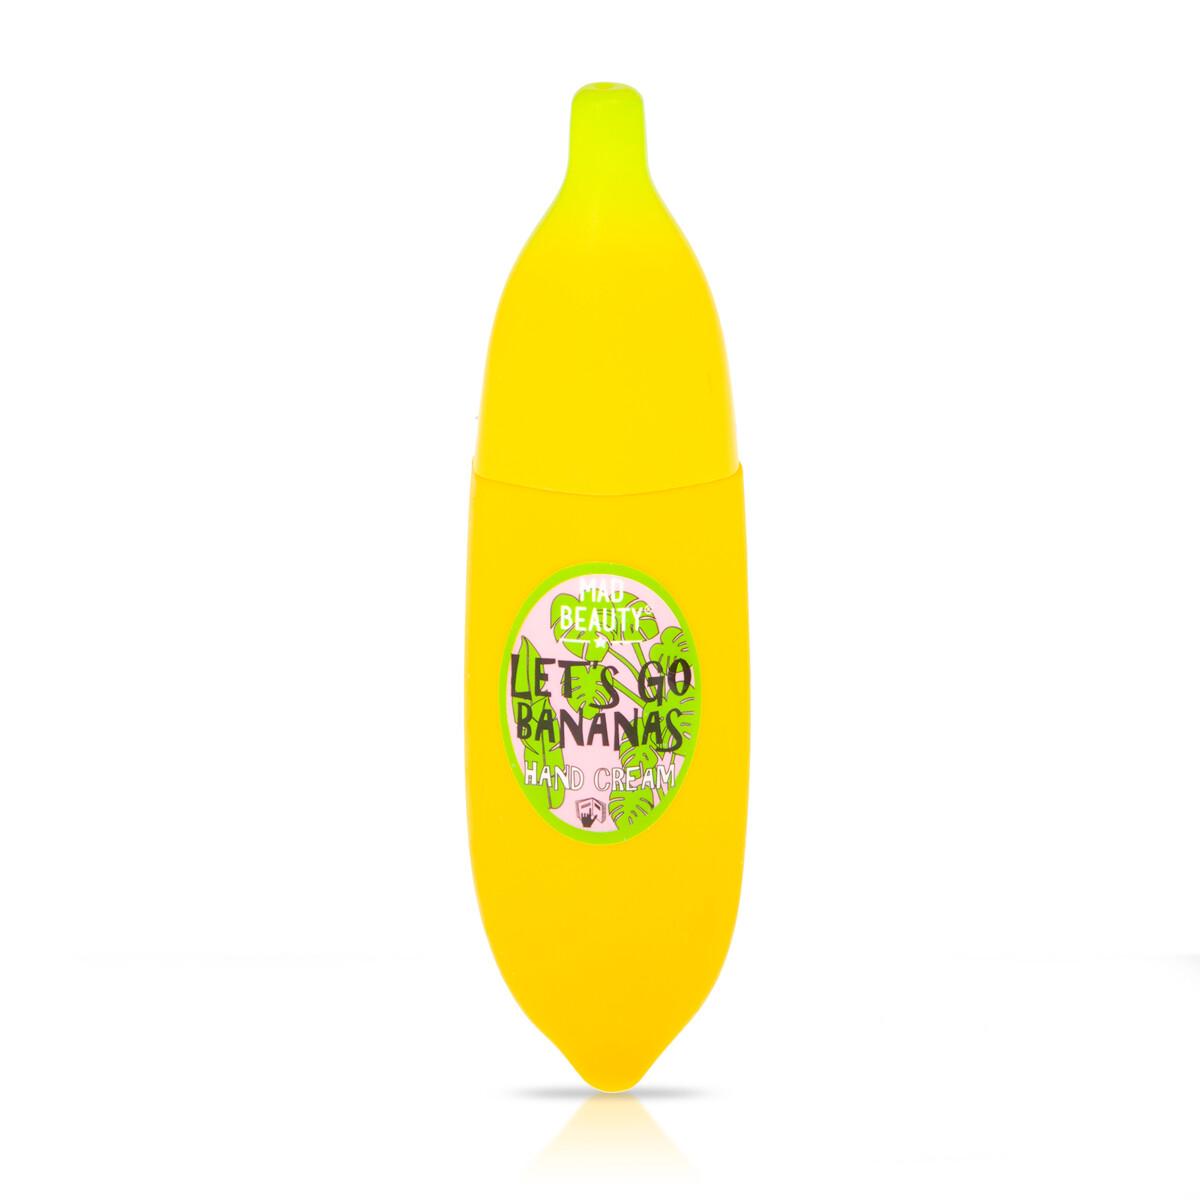 Heavy Glitter Banana Hand Cream 80ml